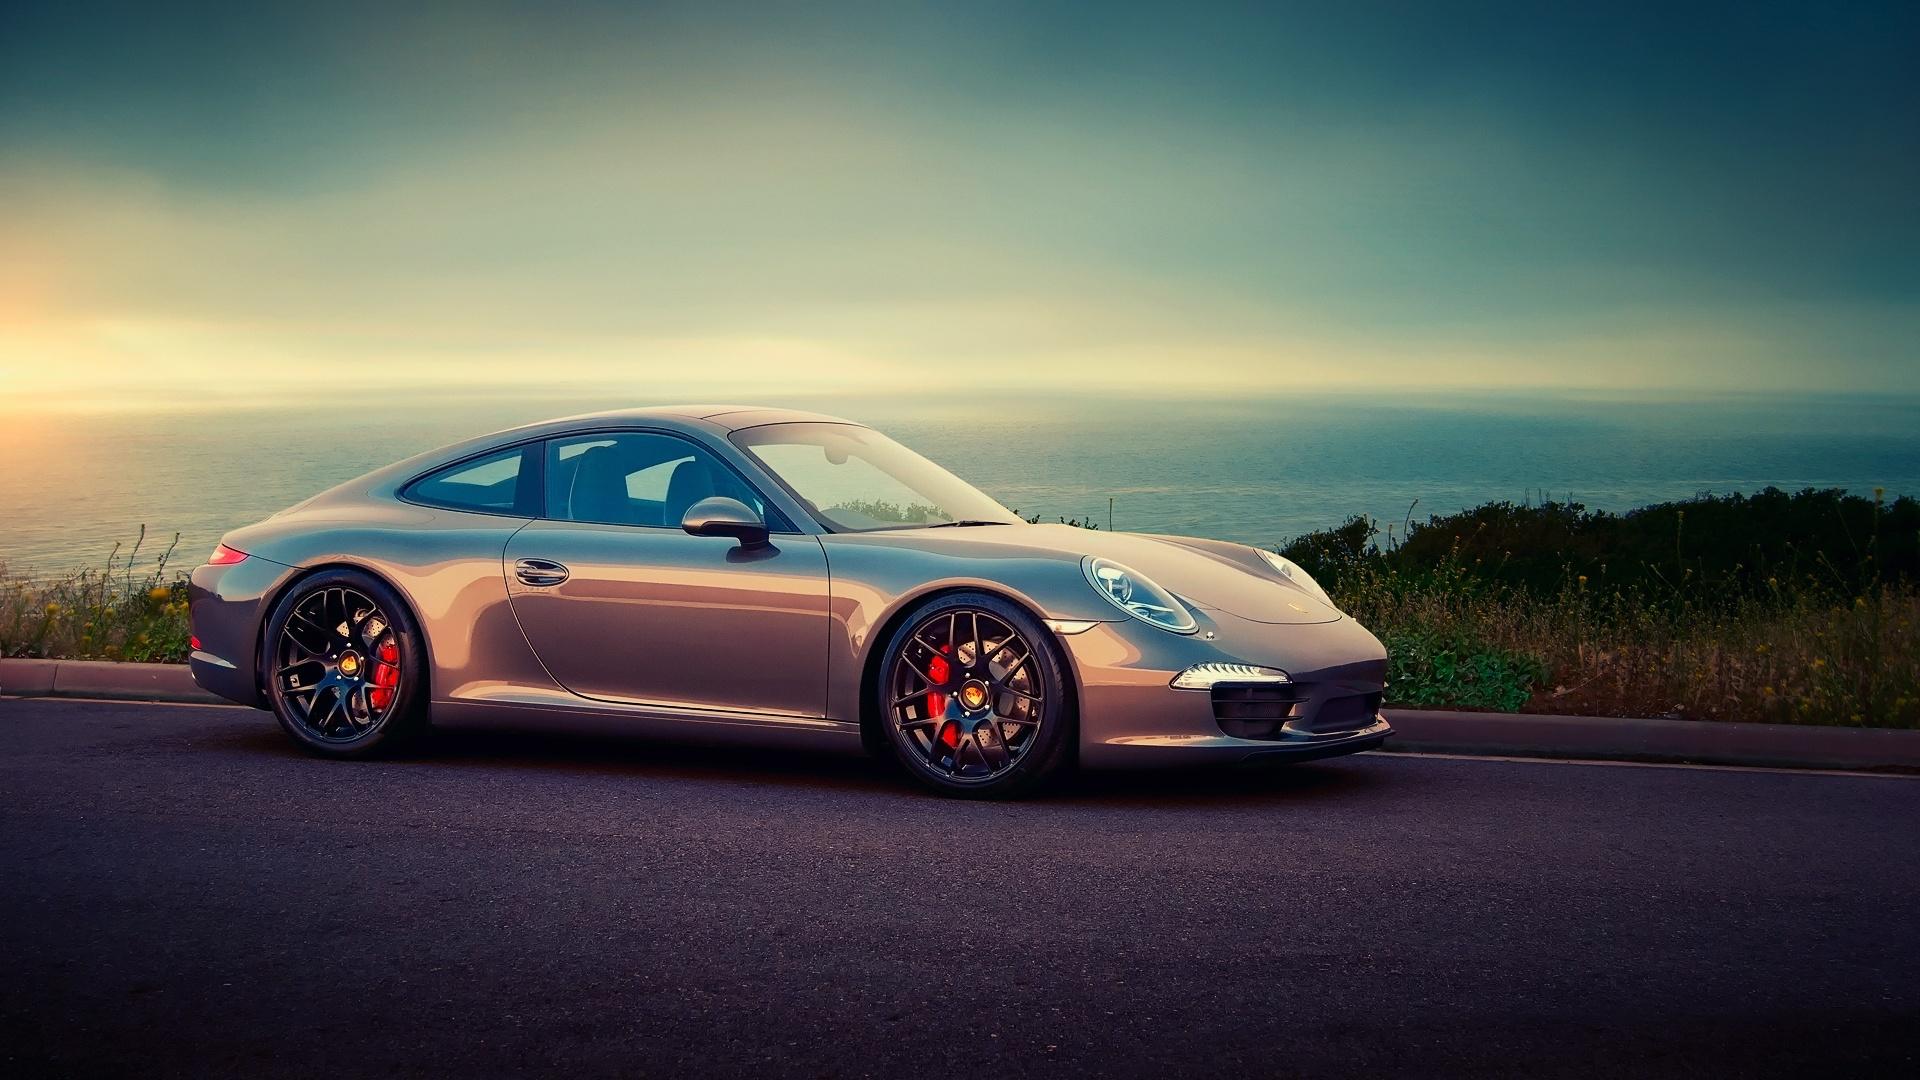 Awesome Porsche Wallpaper